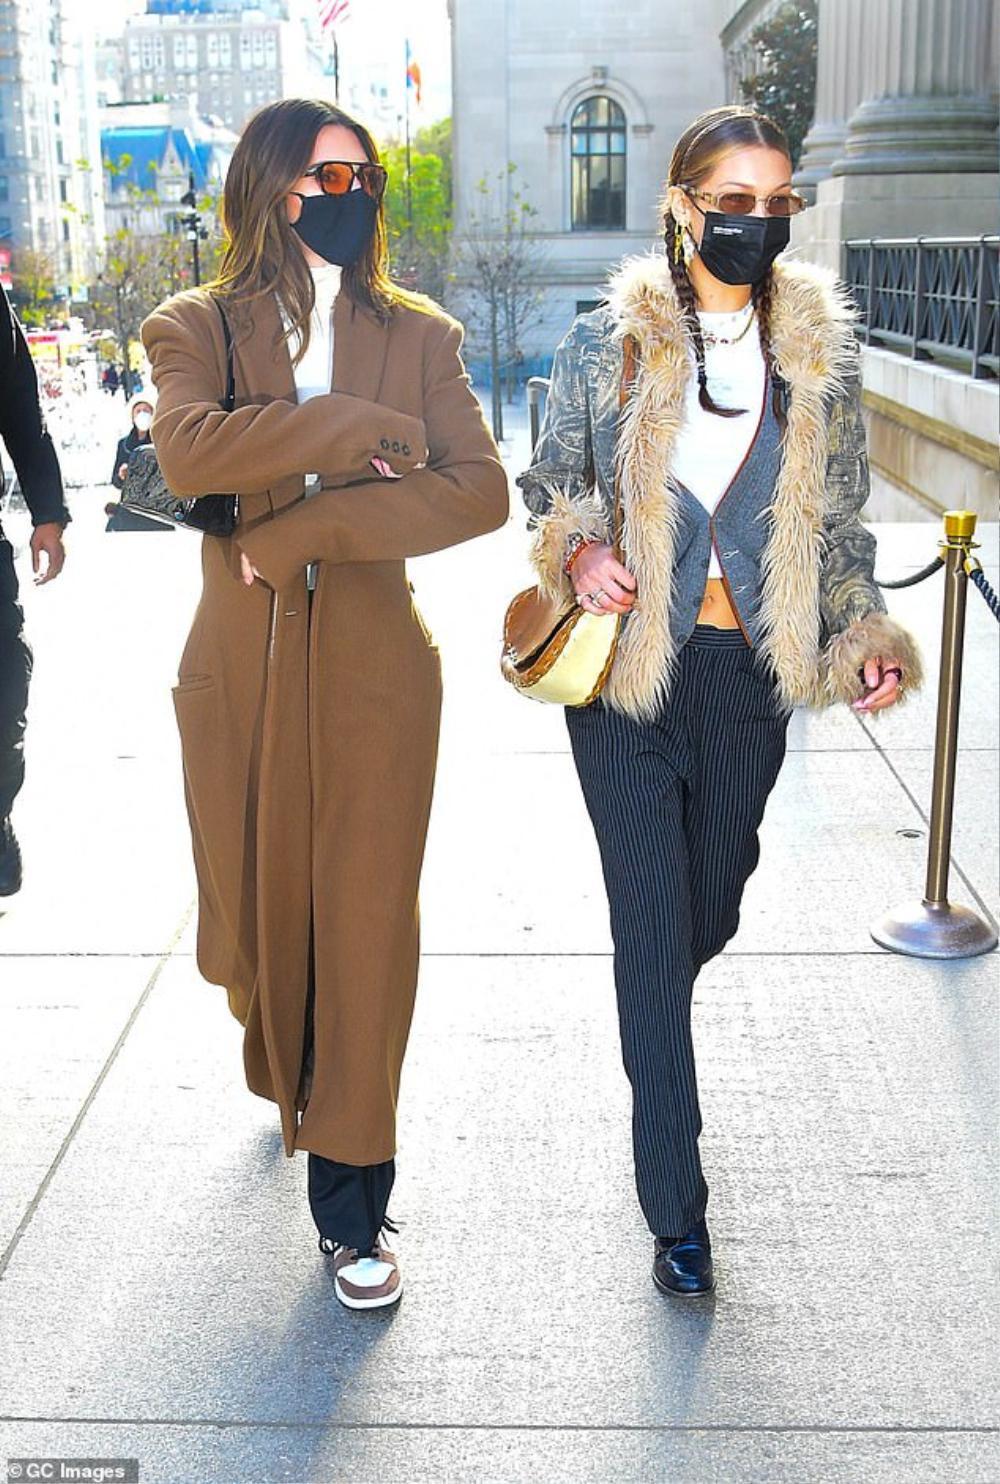 Hai chân dài triệu đô Kendall Jenner & Bella Hadid ra kín bưng xuống phố vẫn hút mọi ánh nhìn Ảnh 1